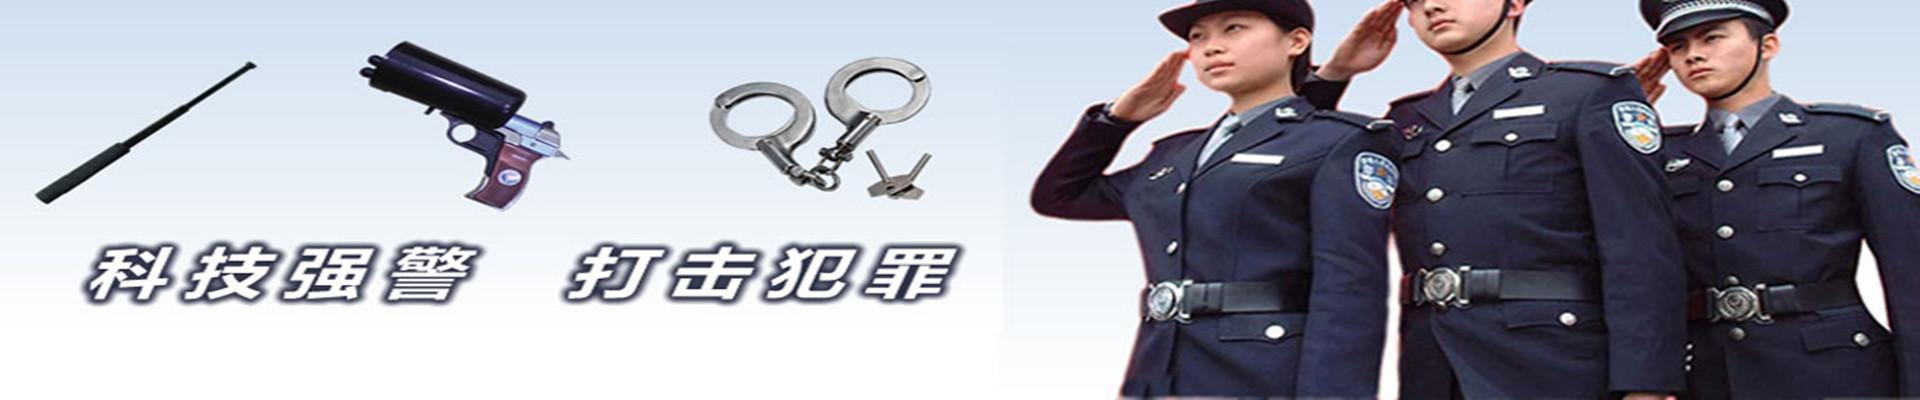 保安用品专卖